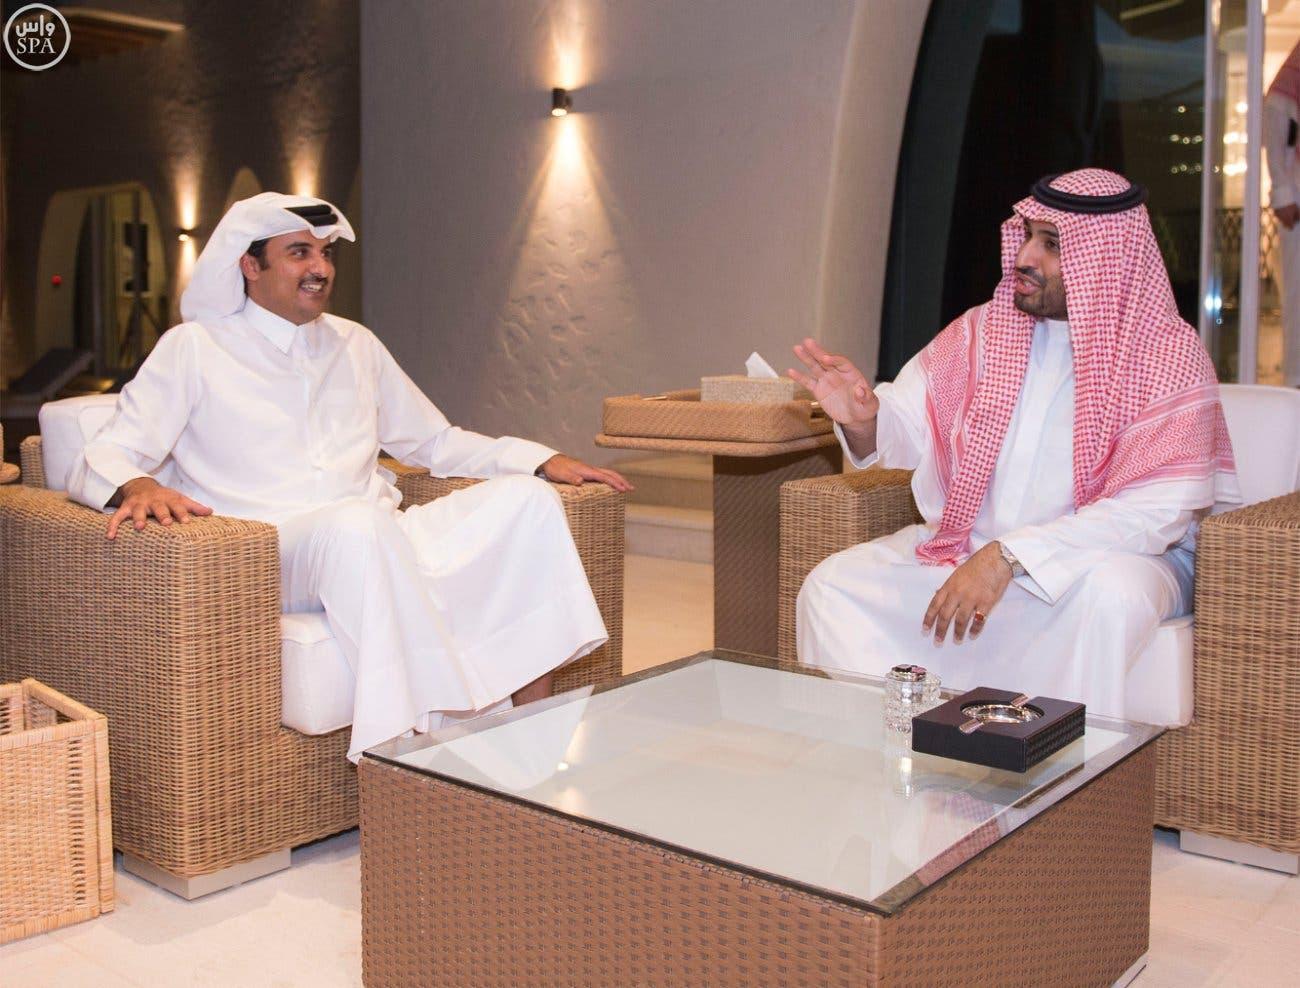 أمير يستقبل محمد سلمان الدوحة صـــــــــــــــــــــور